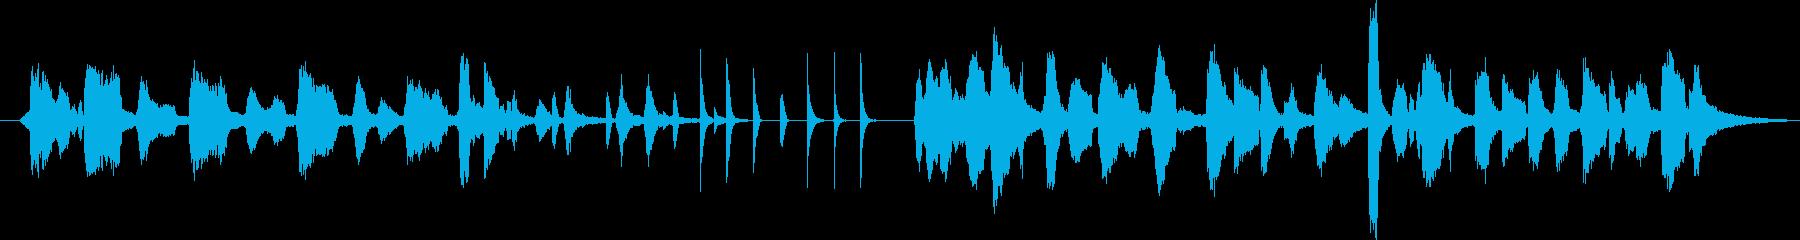 奇怪な気まぐれなオーケストレーショ...の再生済みの波形